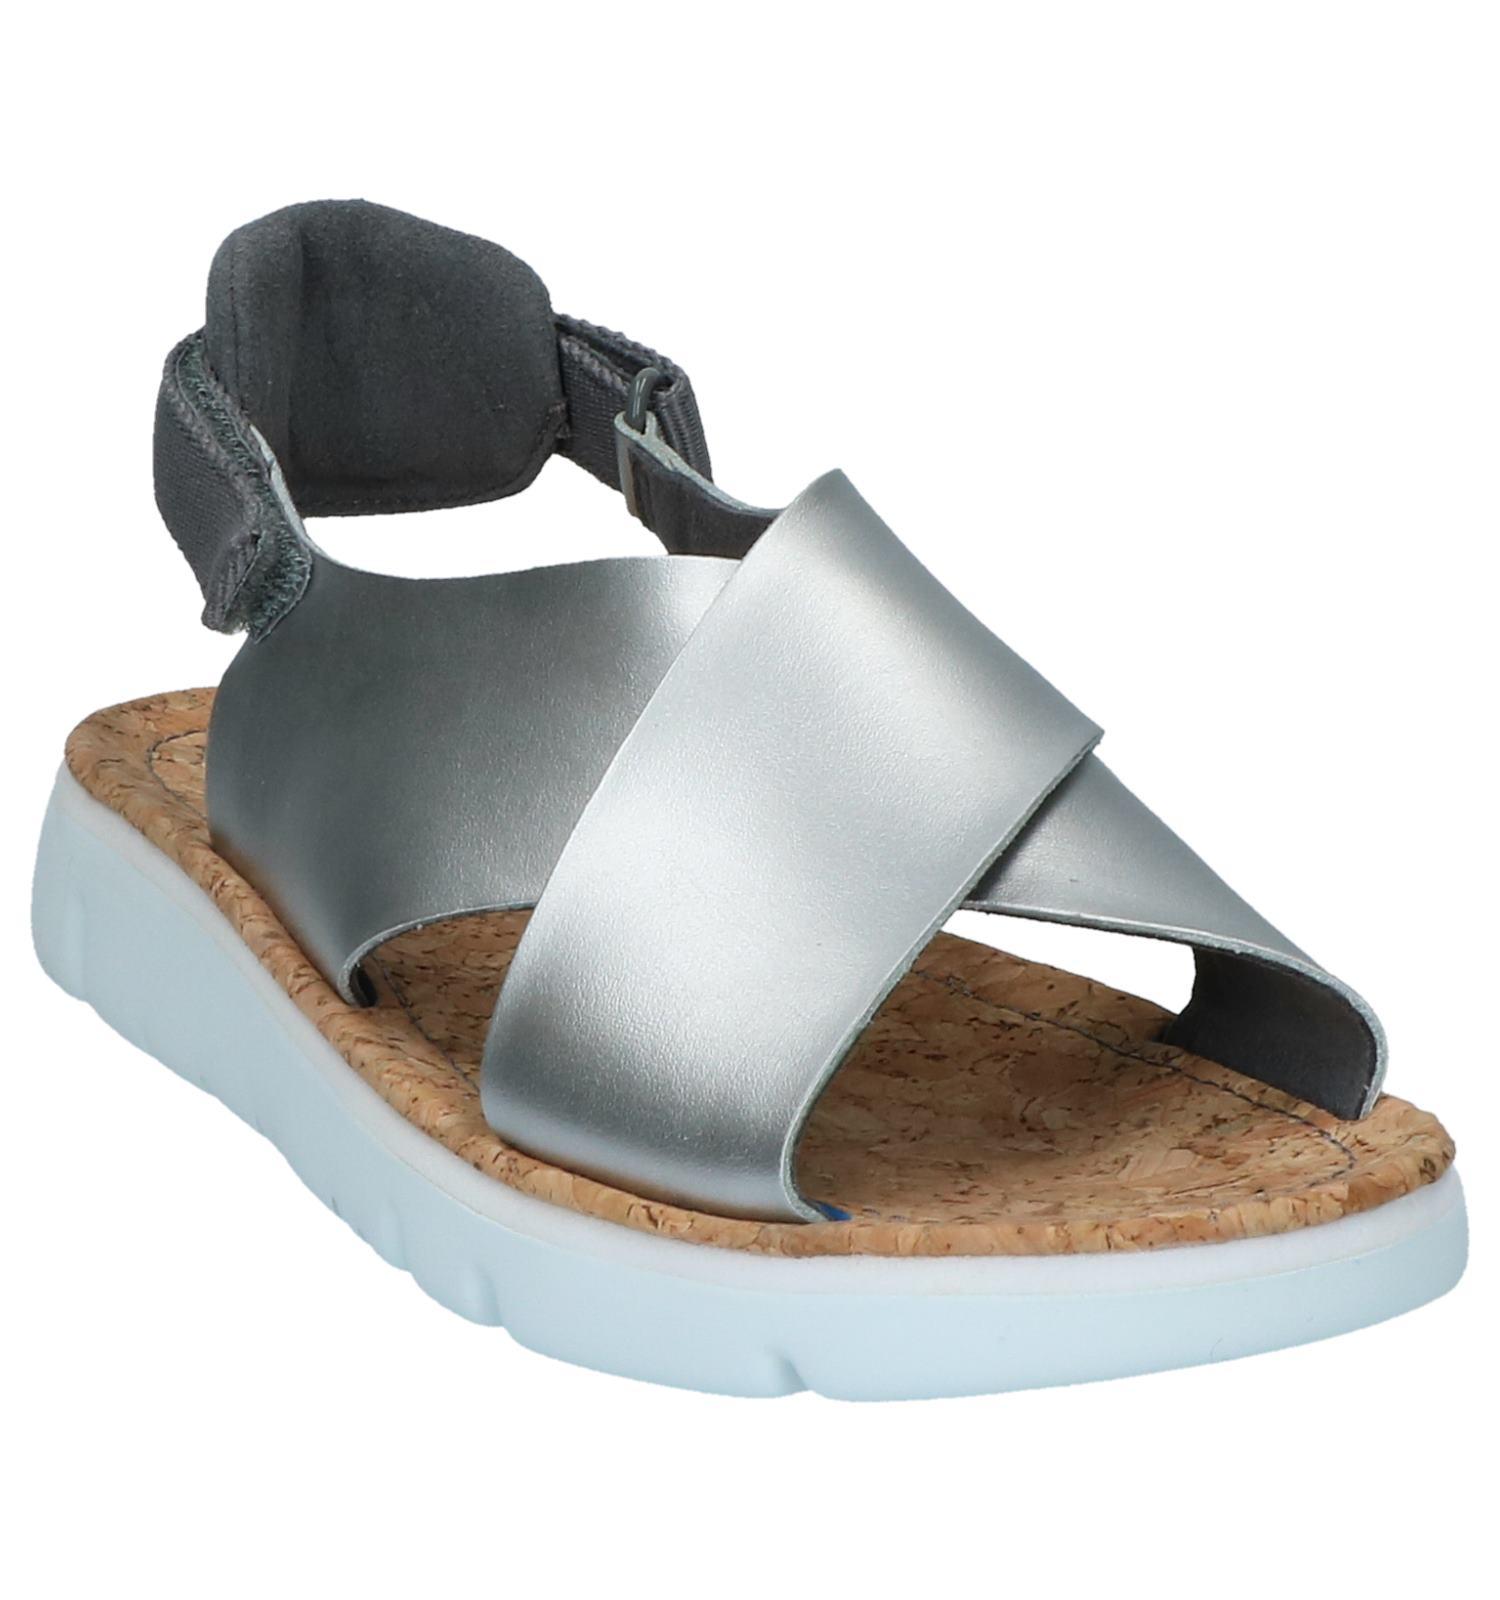 Zilveren Sandalen Sandalen Camper Zilveren Zilveren Camper Camper Sandalen Zilveren Camper kXZOPuwTi